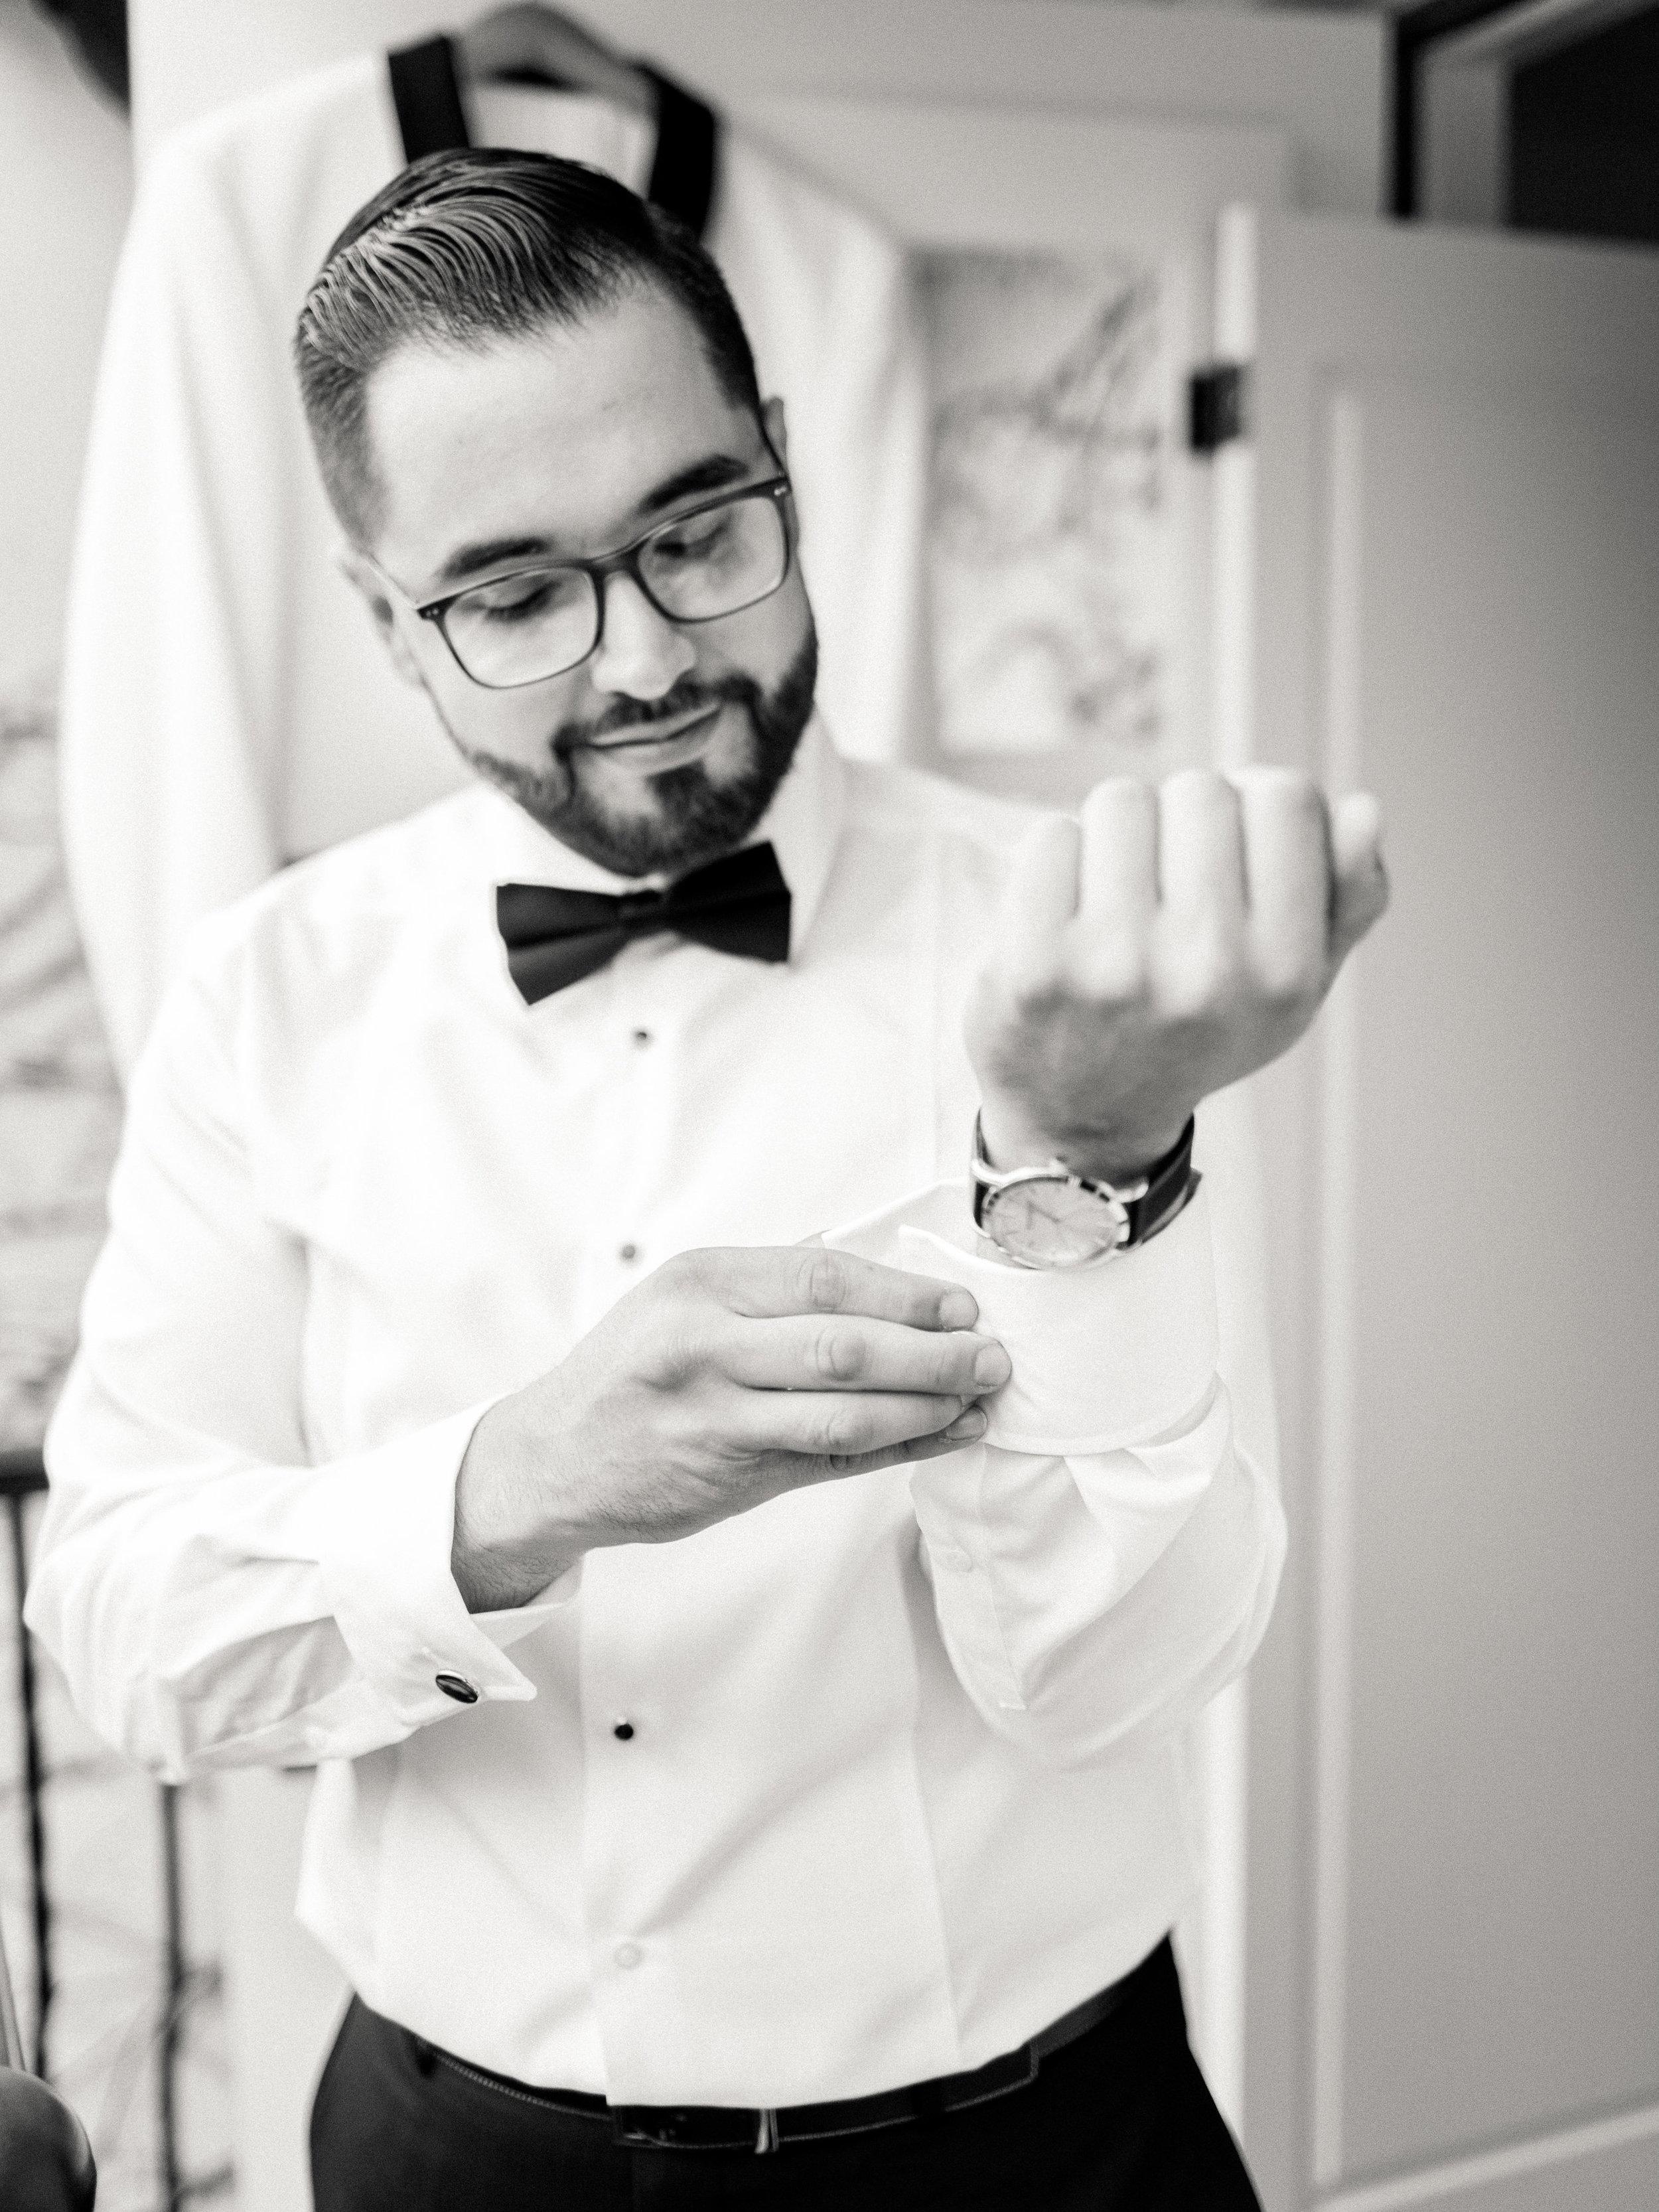 www.santabarbarawedding.com | Hotel Californian | Kiel Rucker | Groom getting ready